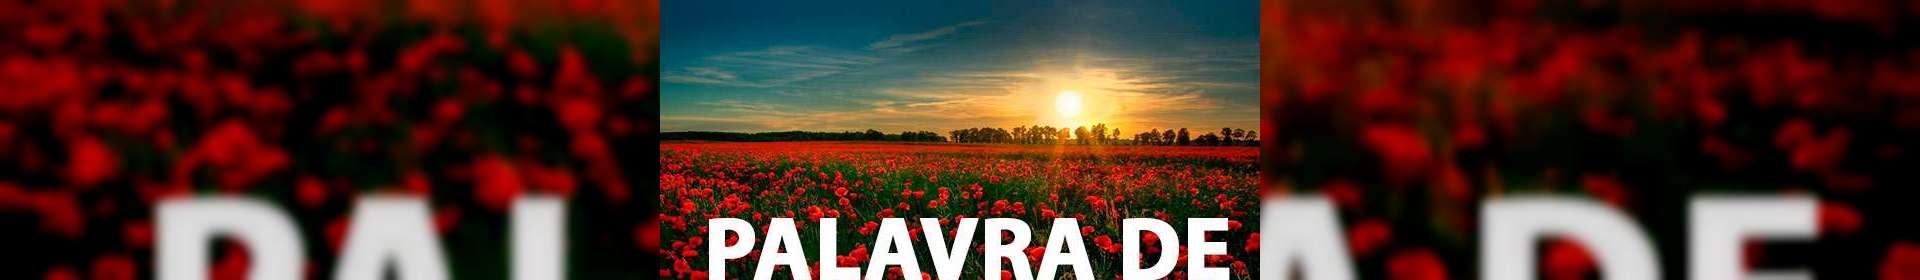 Salmos 116:12,13 - Uma Palavra de Esperança para sua vida